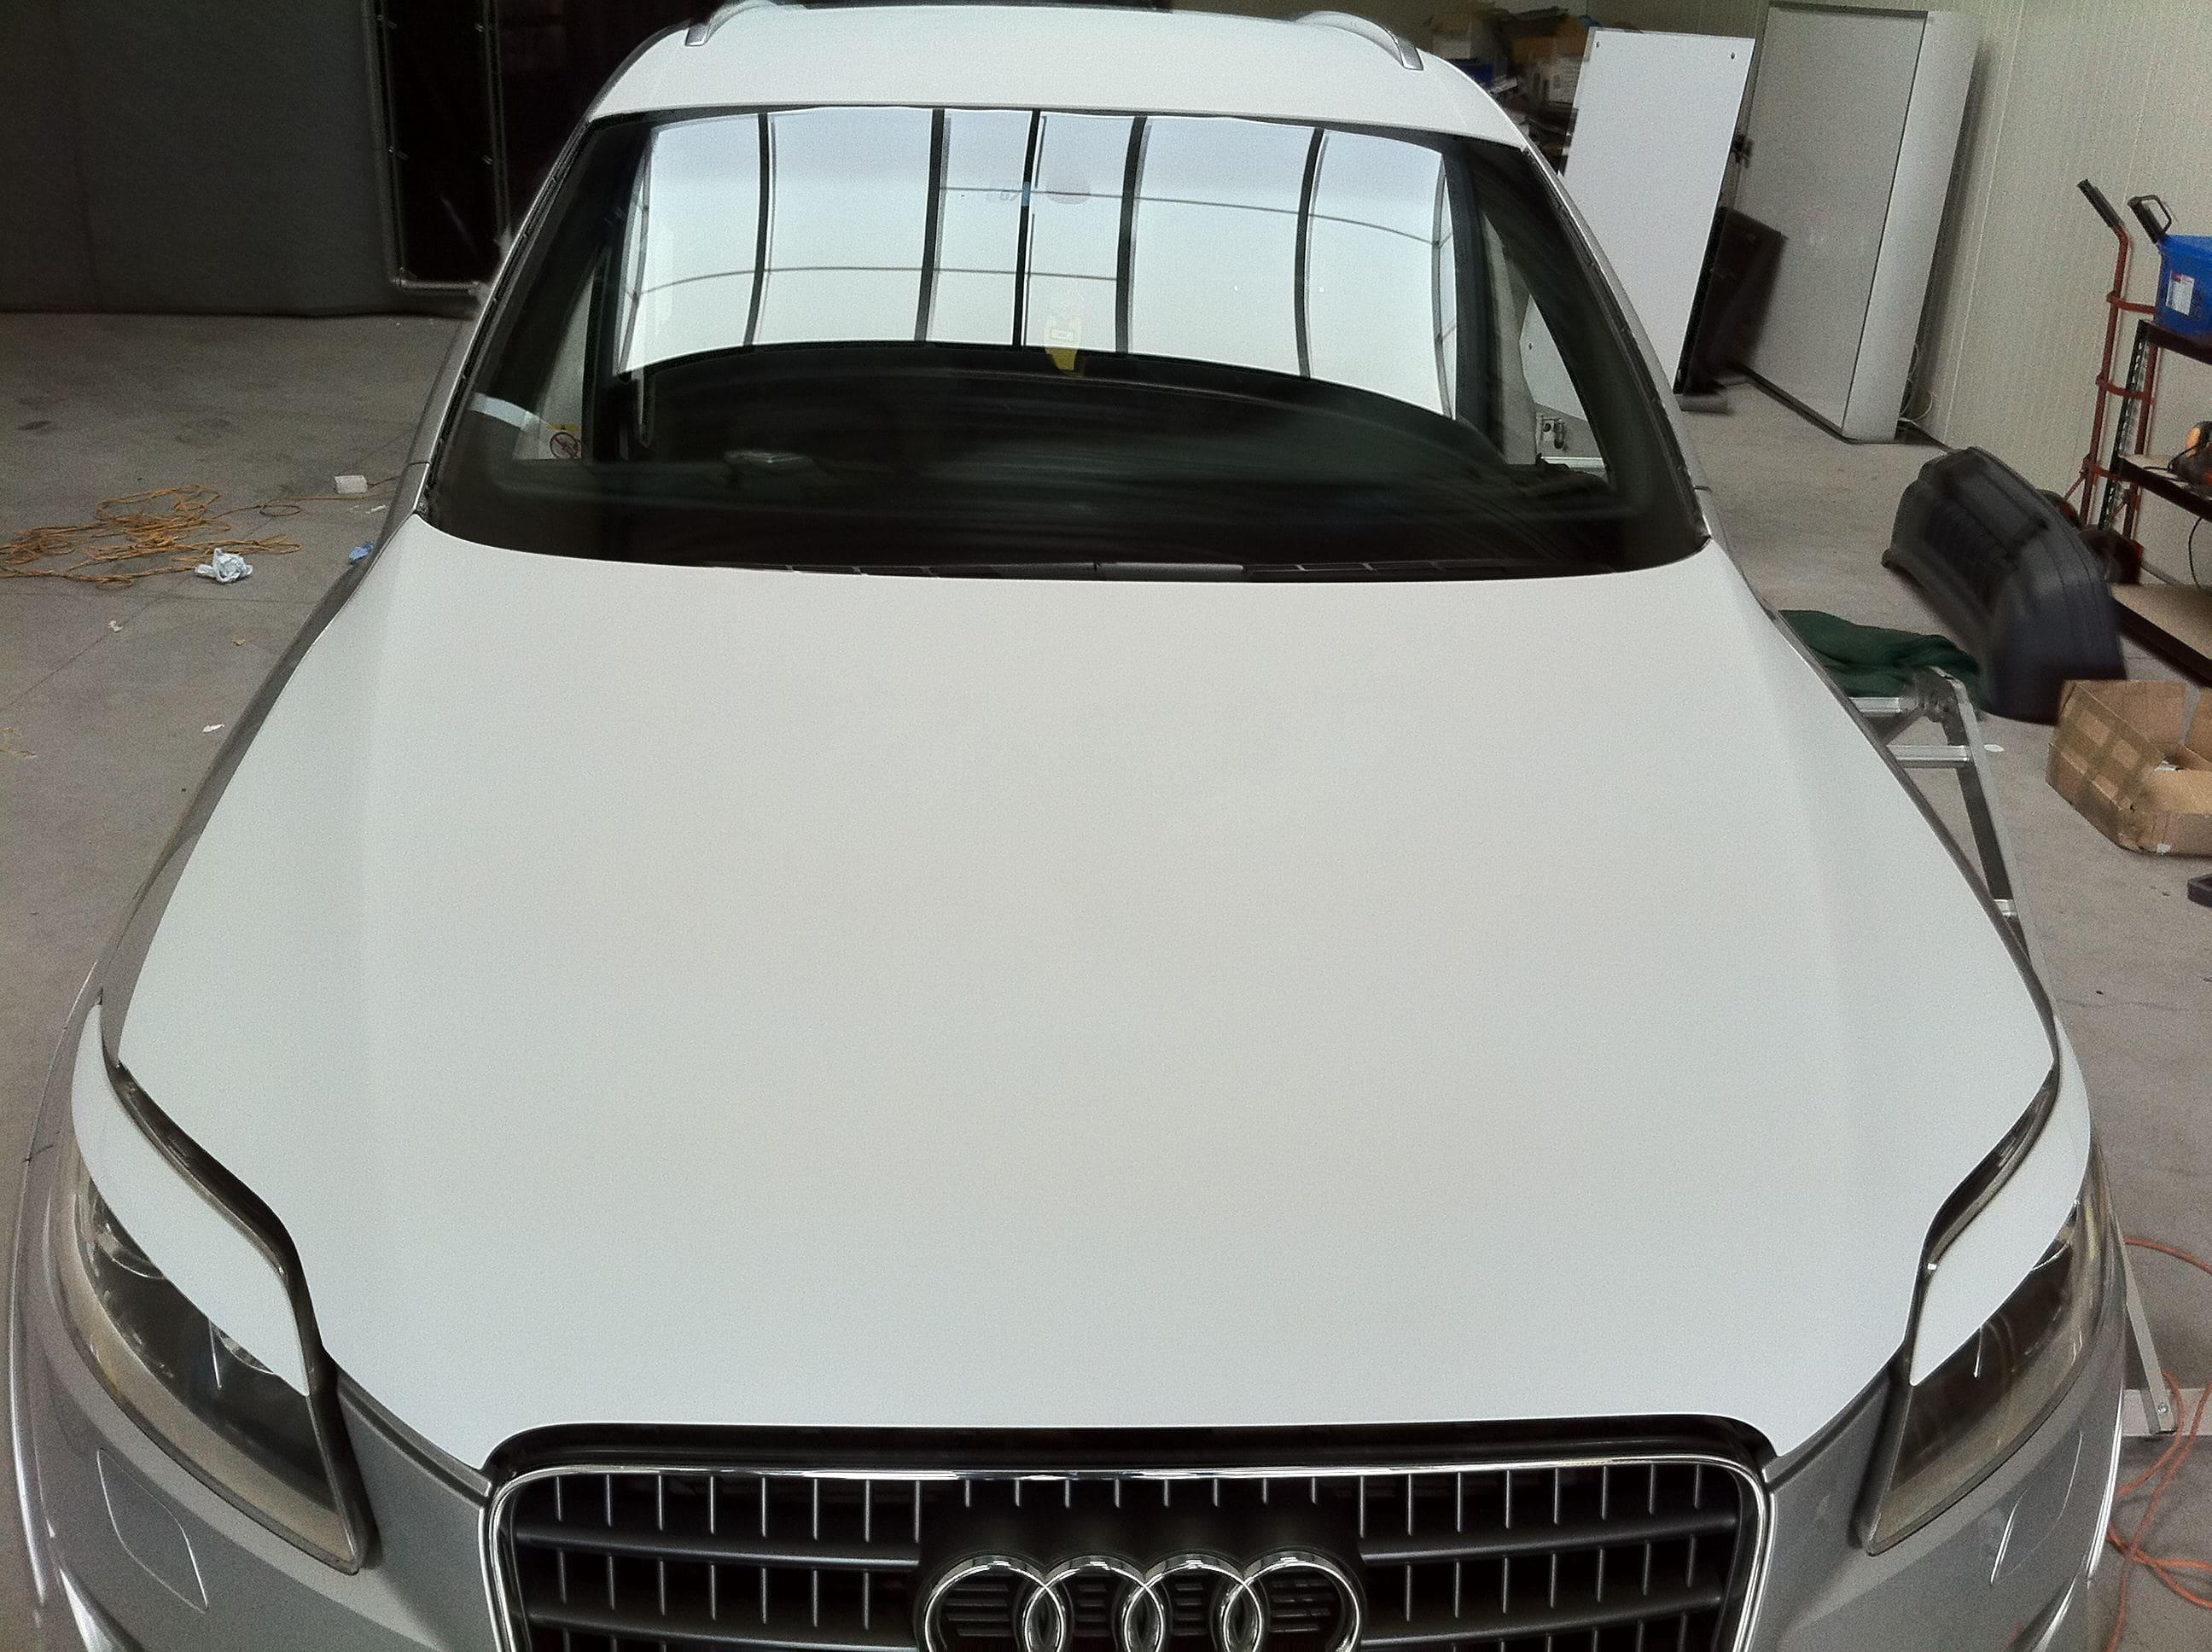 Audi Q7 met Mat Witte Wrap, Carwrapping door Wrapmyride.nu Foto-nr:4920, ©2021